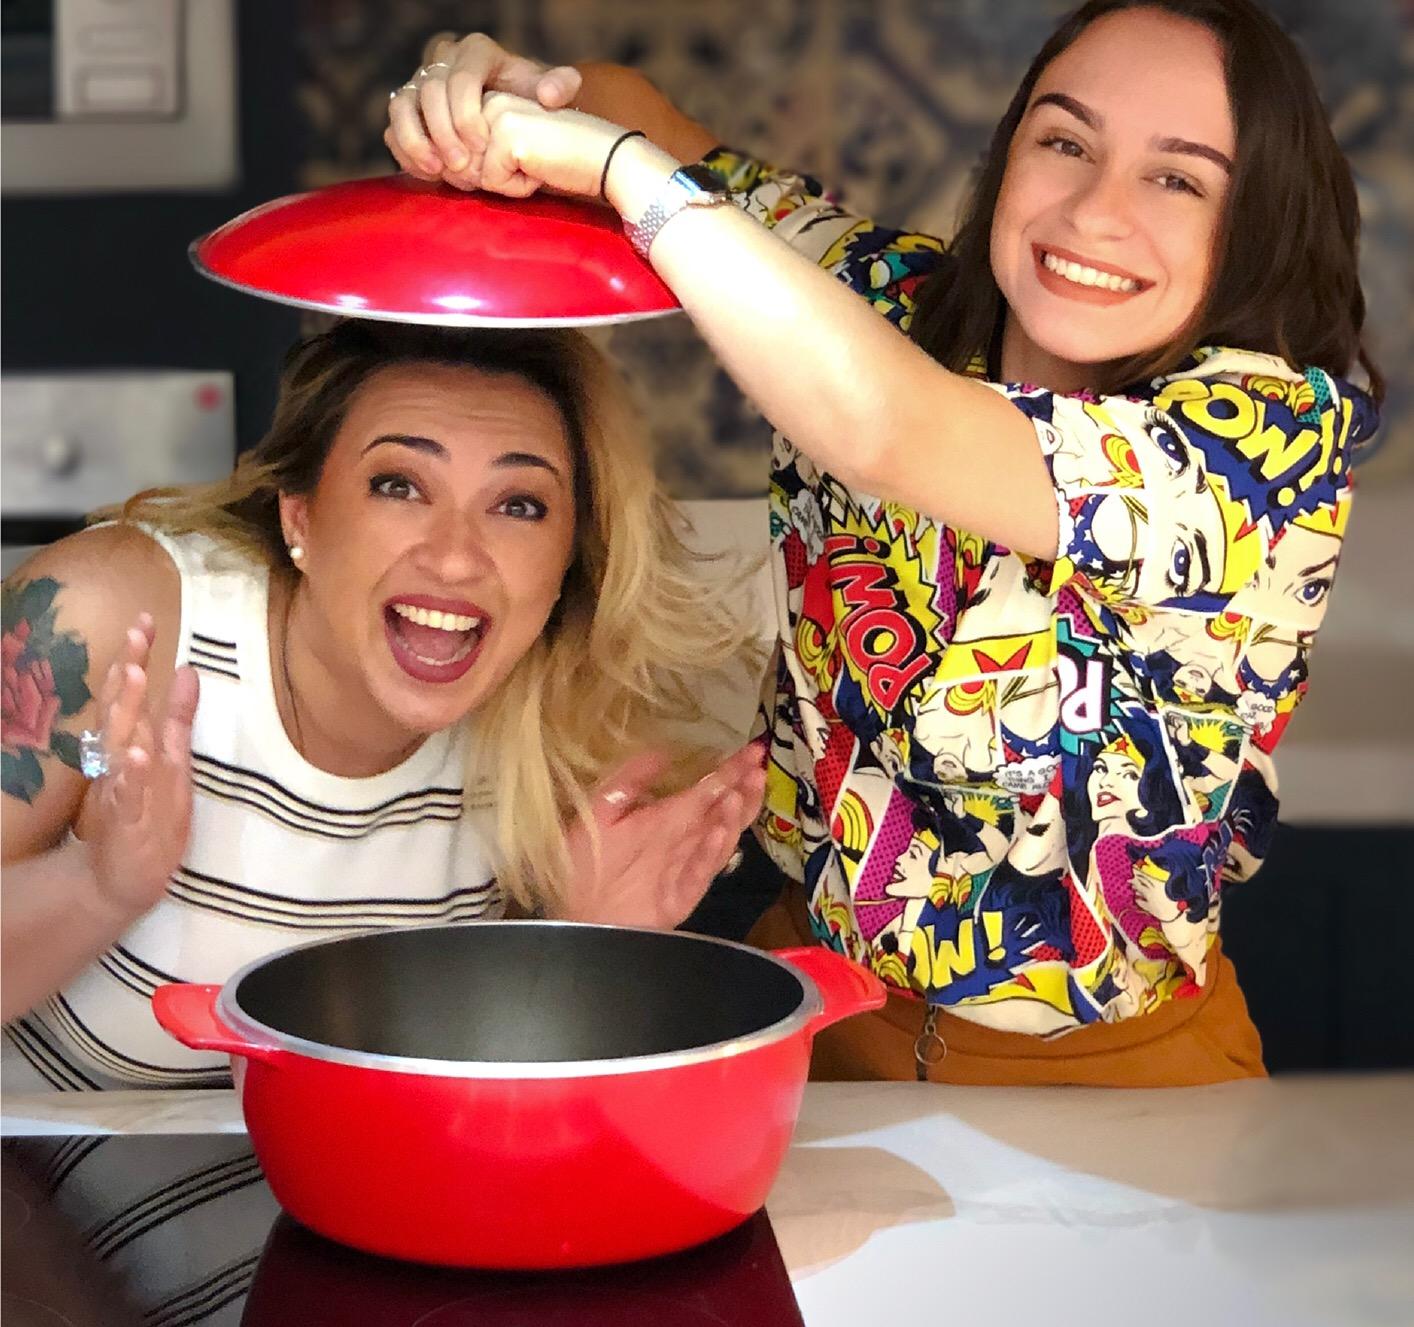 As amigas Etiene Mendonça e Ludimila Matos (Aventuras Gastronômicas) que vão ministrar o curso de Tapas na Cozinha Potiguar nessa sexta (02.08) na loja do Cohafuma.